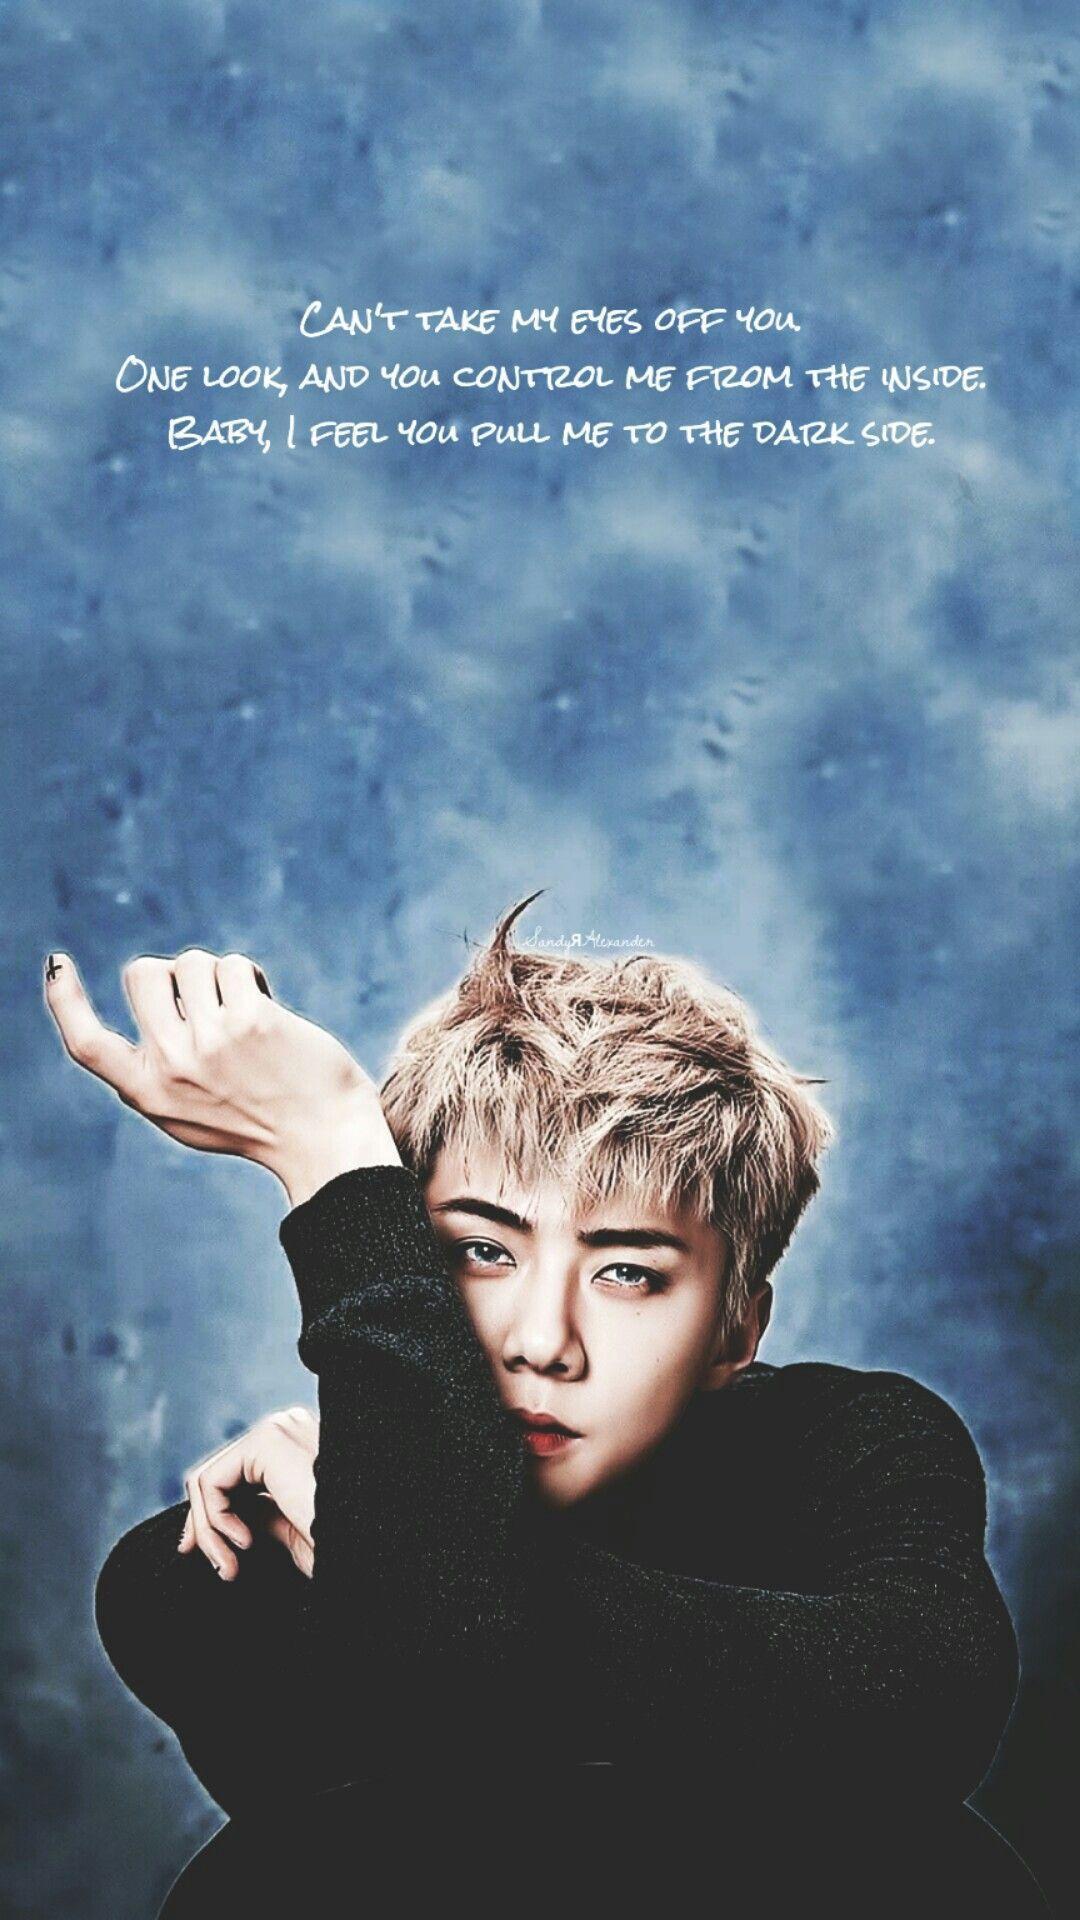 Sehun EXO Wallpapers - Wallpaper Cave  Sehun EXO Wallp...